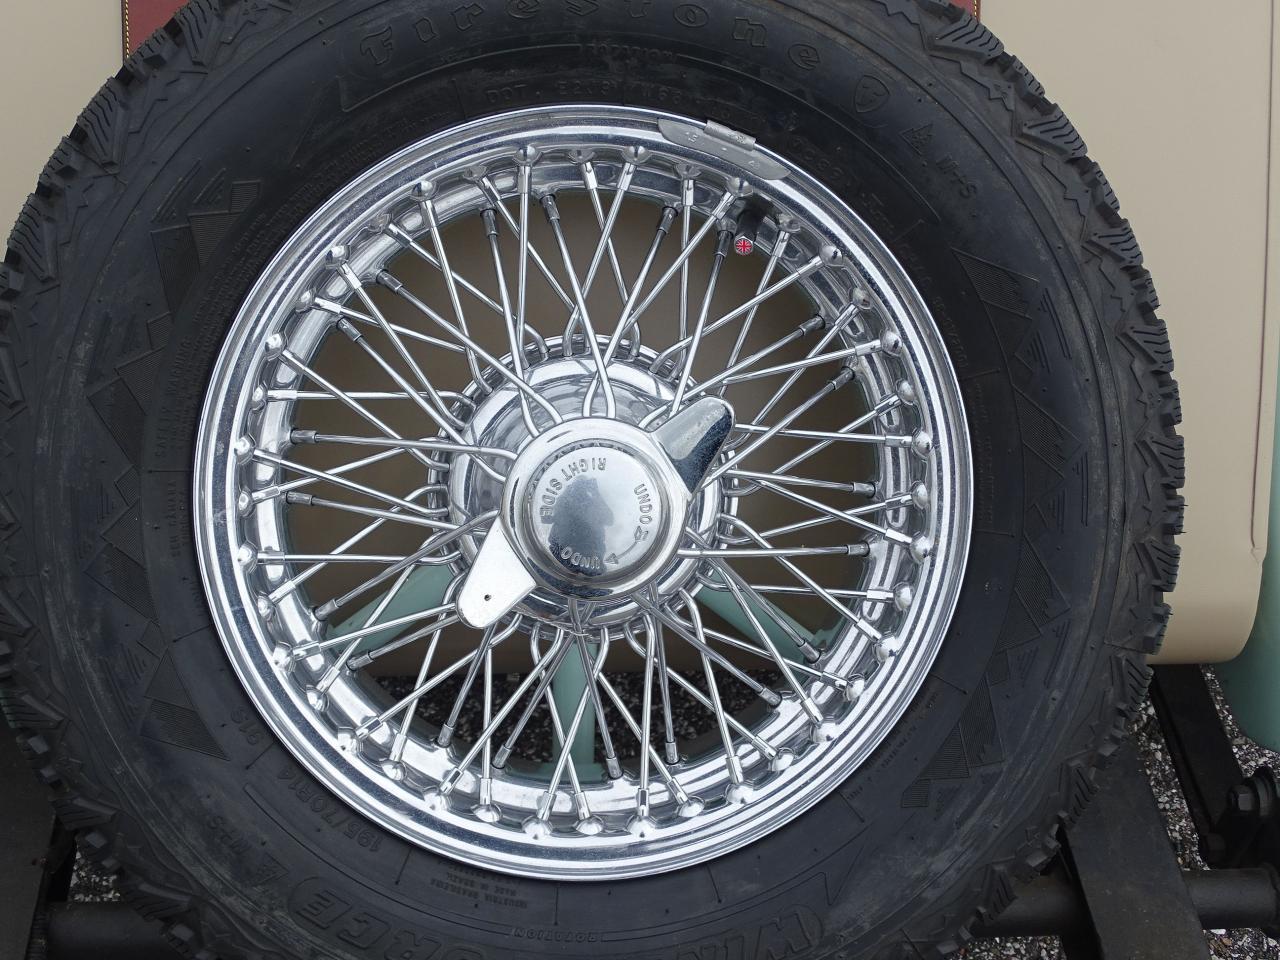 1954 MG TF 98